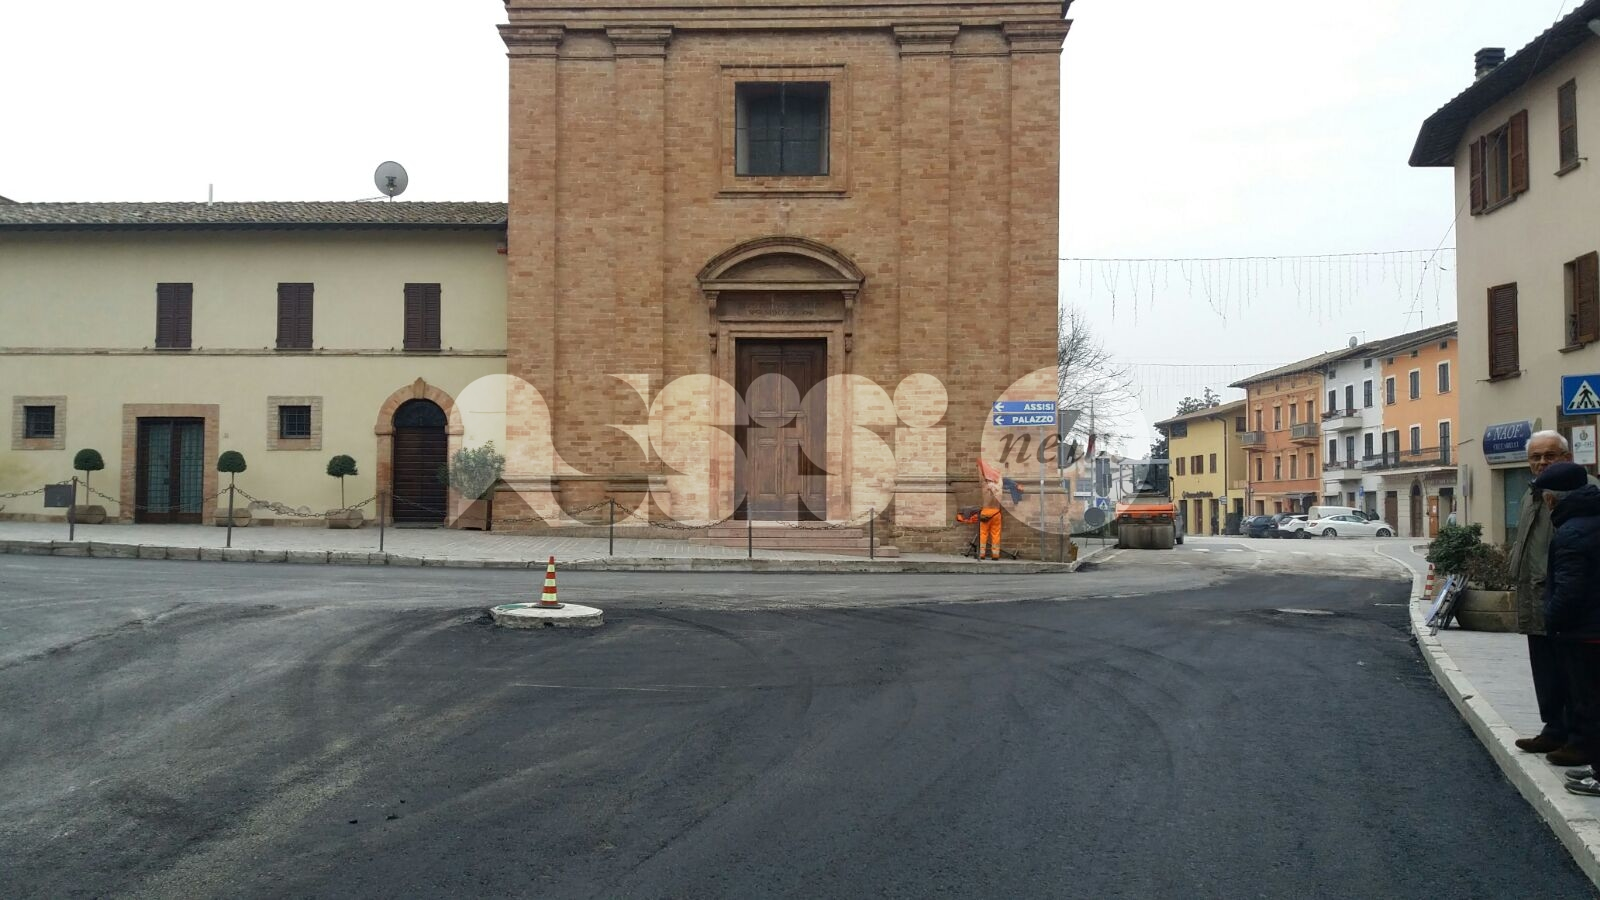 Lavori su Piazza S. Pietro a Petrignano, Rino Freddii ancora critico